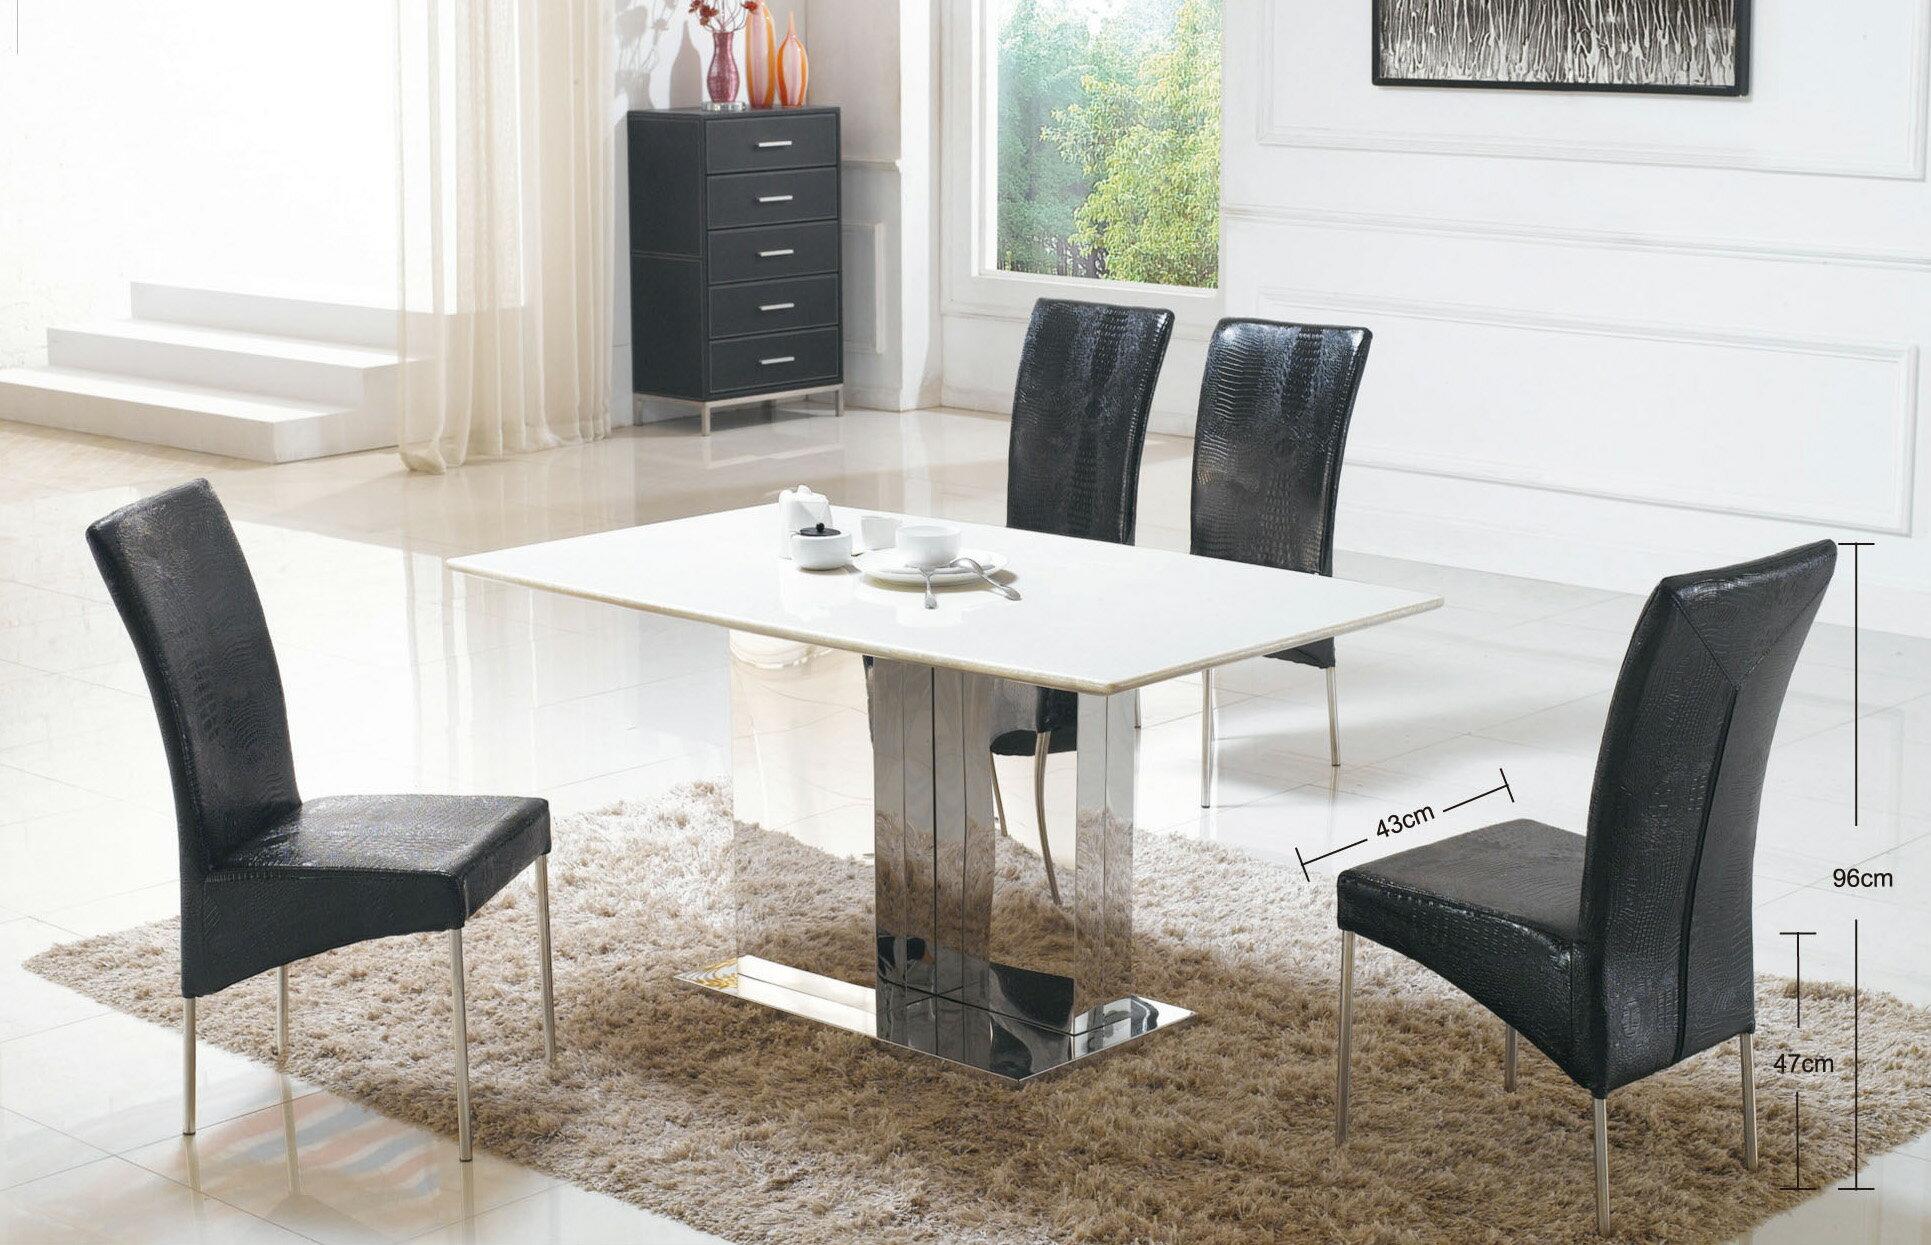 【尚品傢俱】JJ-6502 不鏽鋼餐椅